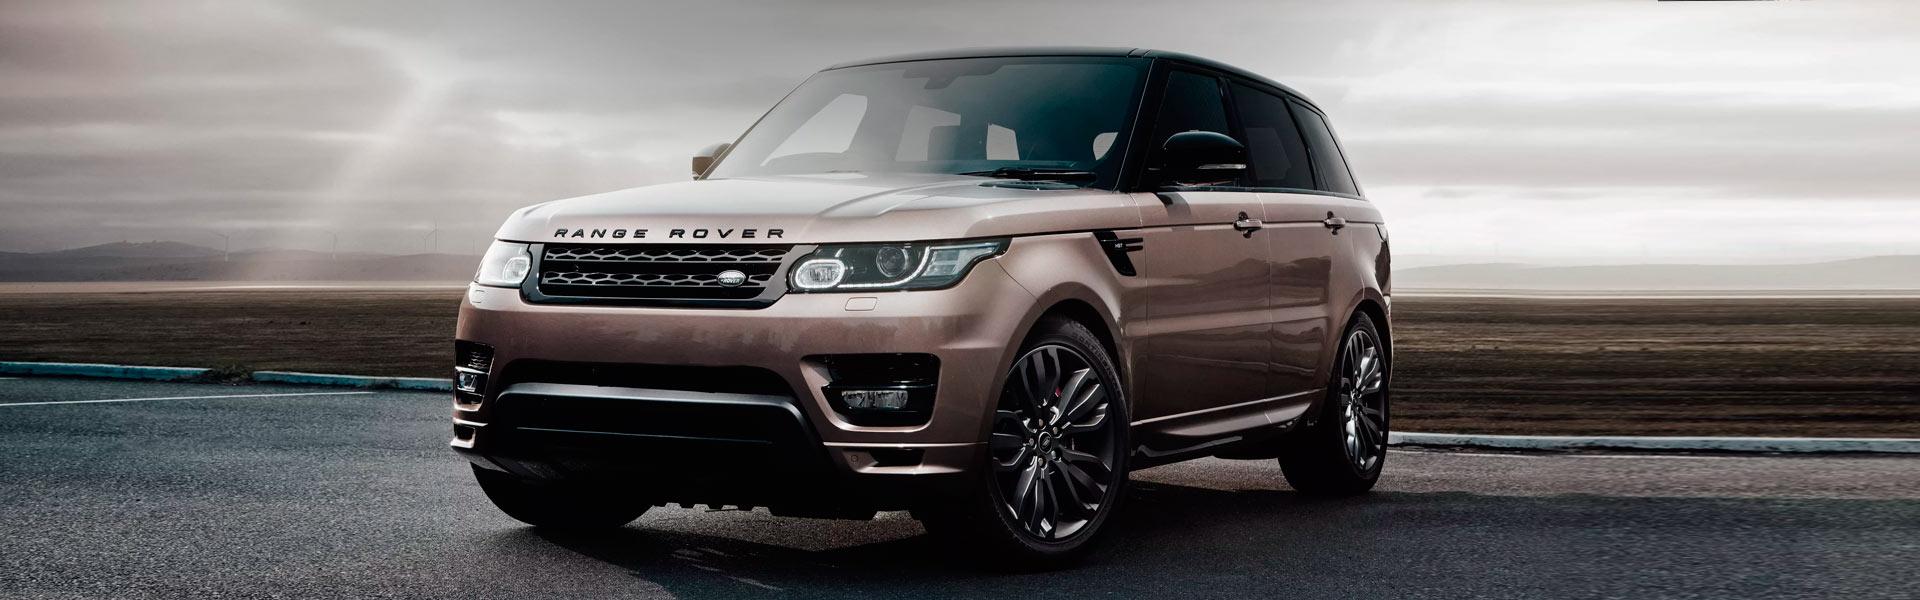 Замена цилиндров Land Rover Range Rover